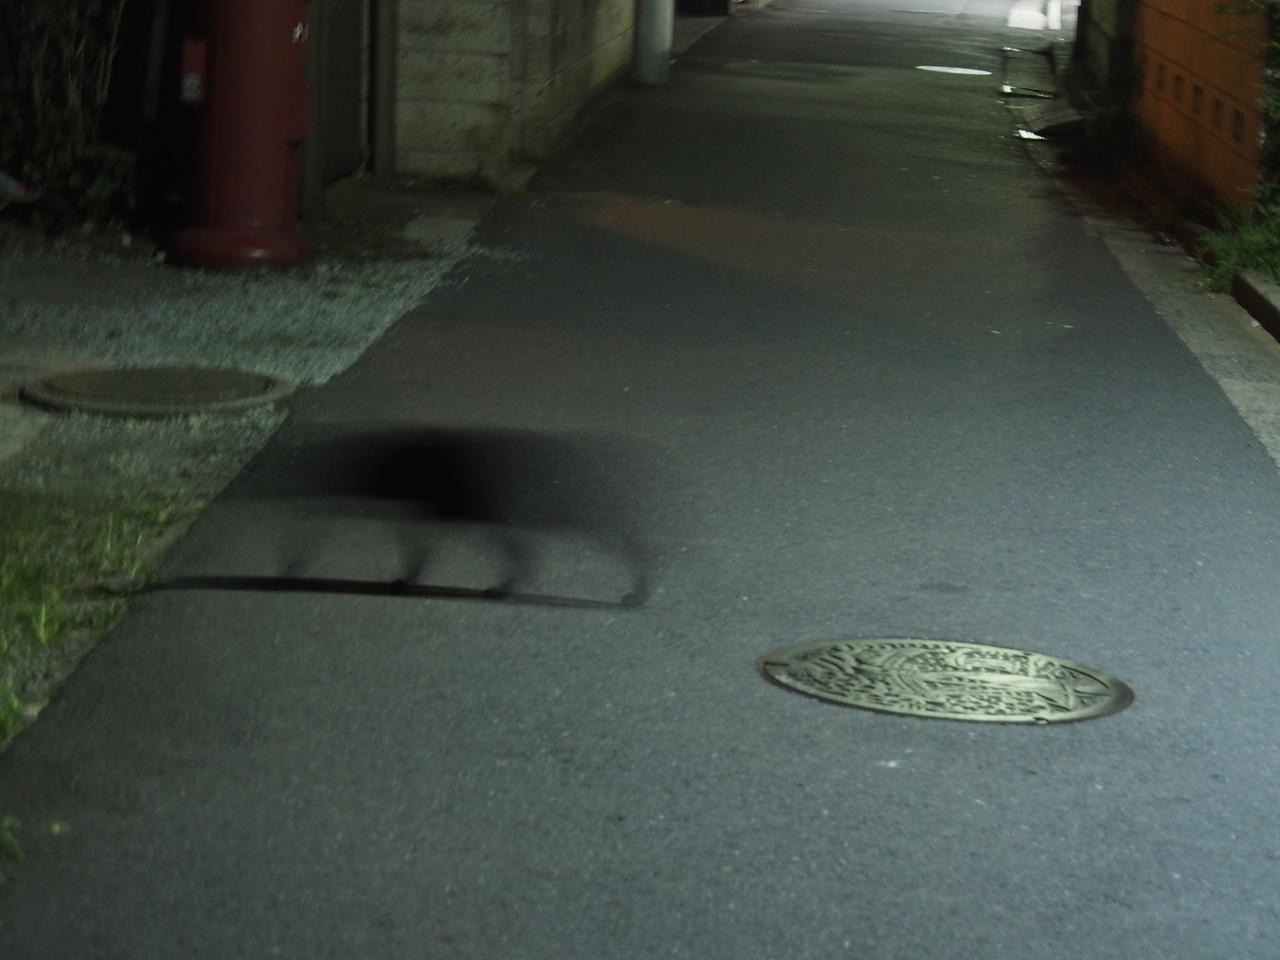 画像: クロネコが横切る路地。夜のお墓とかも同様。そもそも暗すぎです。コントラストなんてあったモンじゃない。ここで認識したらネタですね。まあ、それを望んでいる部分もあるんだけど…。